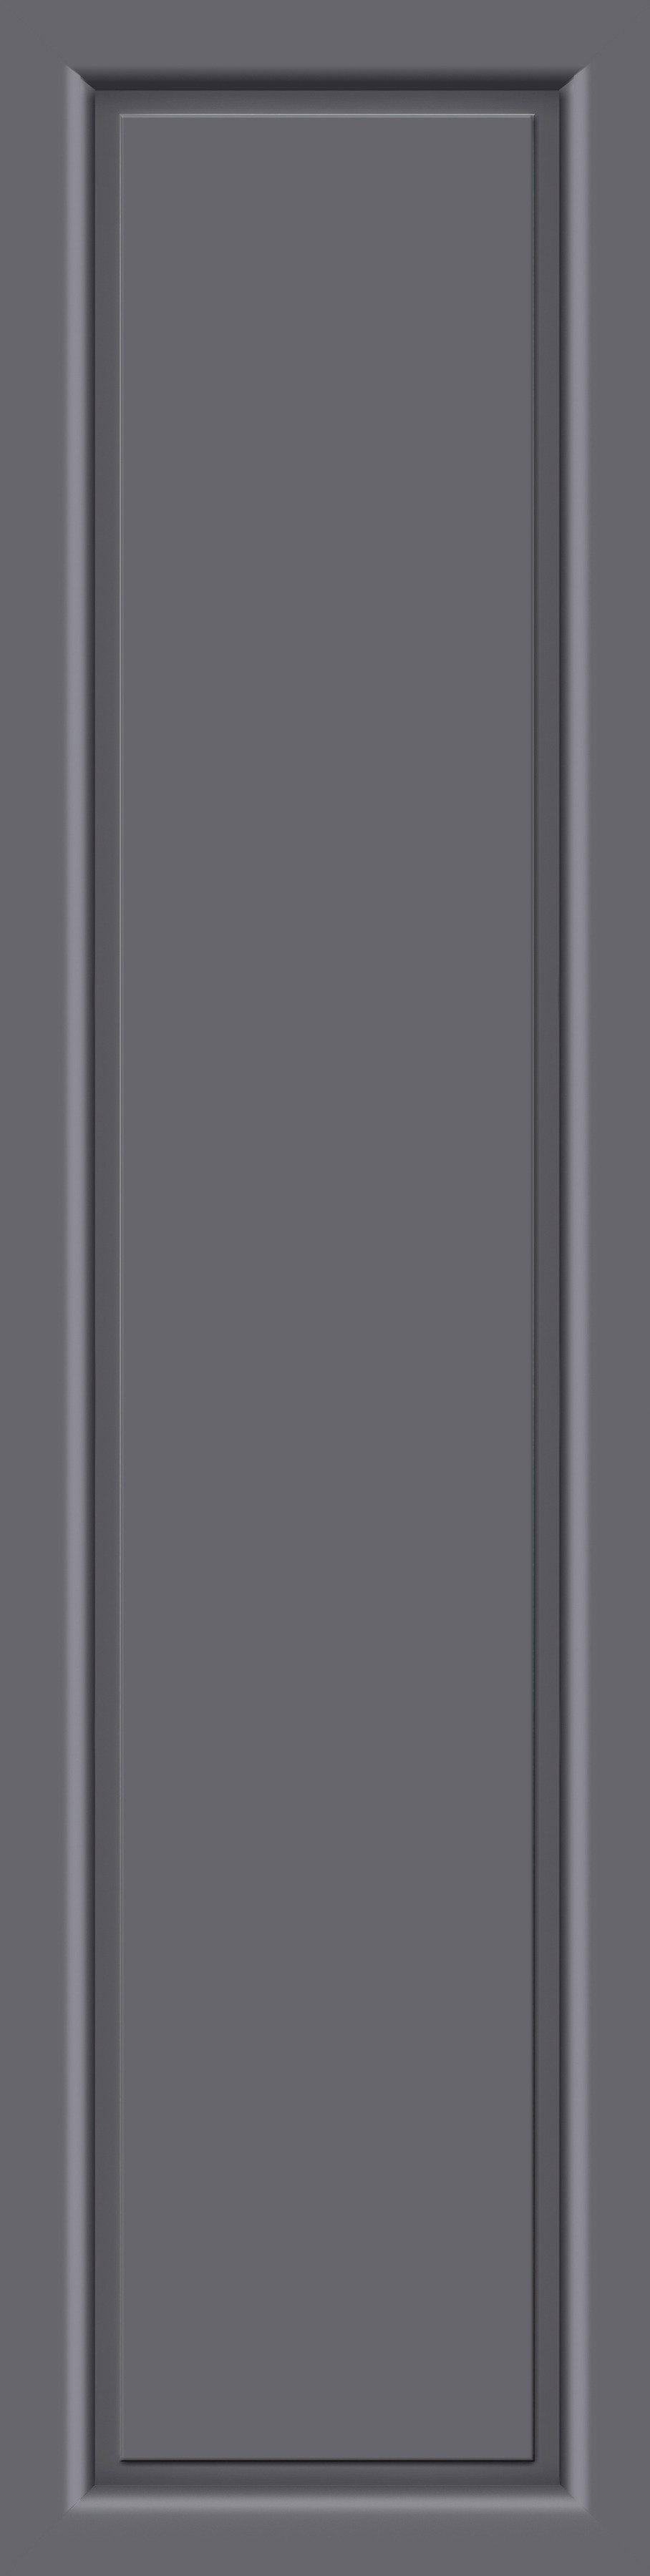 KM MEETH ZAUN GMBH Seitenteile »S04«, für Alu-Haustür, BxH: 60x208 cm, anthrazit